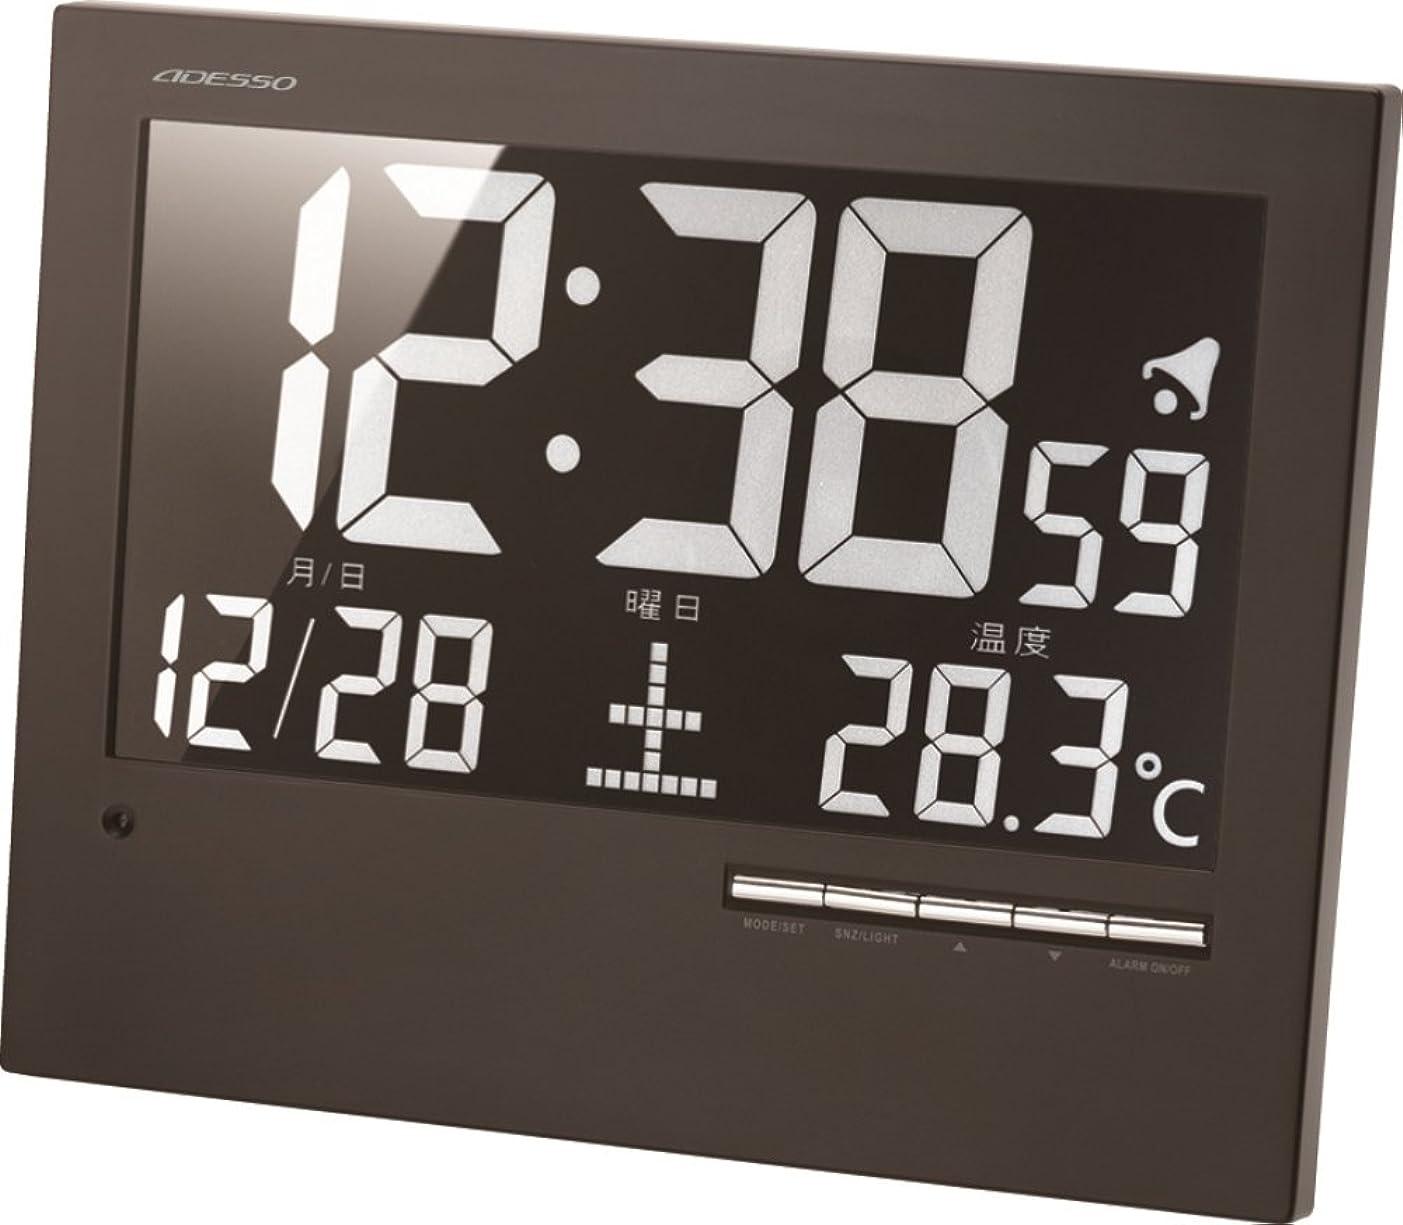 分刺激する気がついてADESSO(アデッソ) 掛け時計 電波時計 温度 日付表示 置き掛け兼用 ブラック AK-62